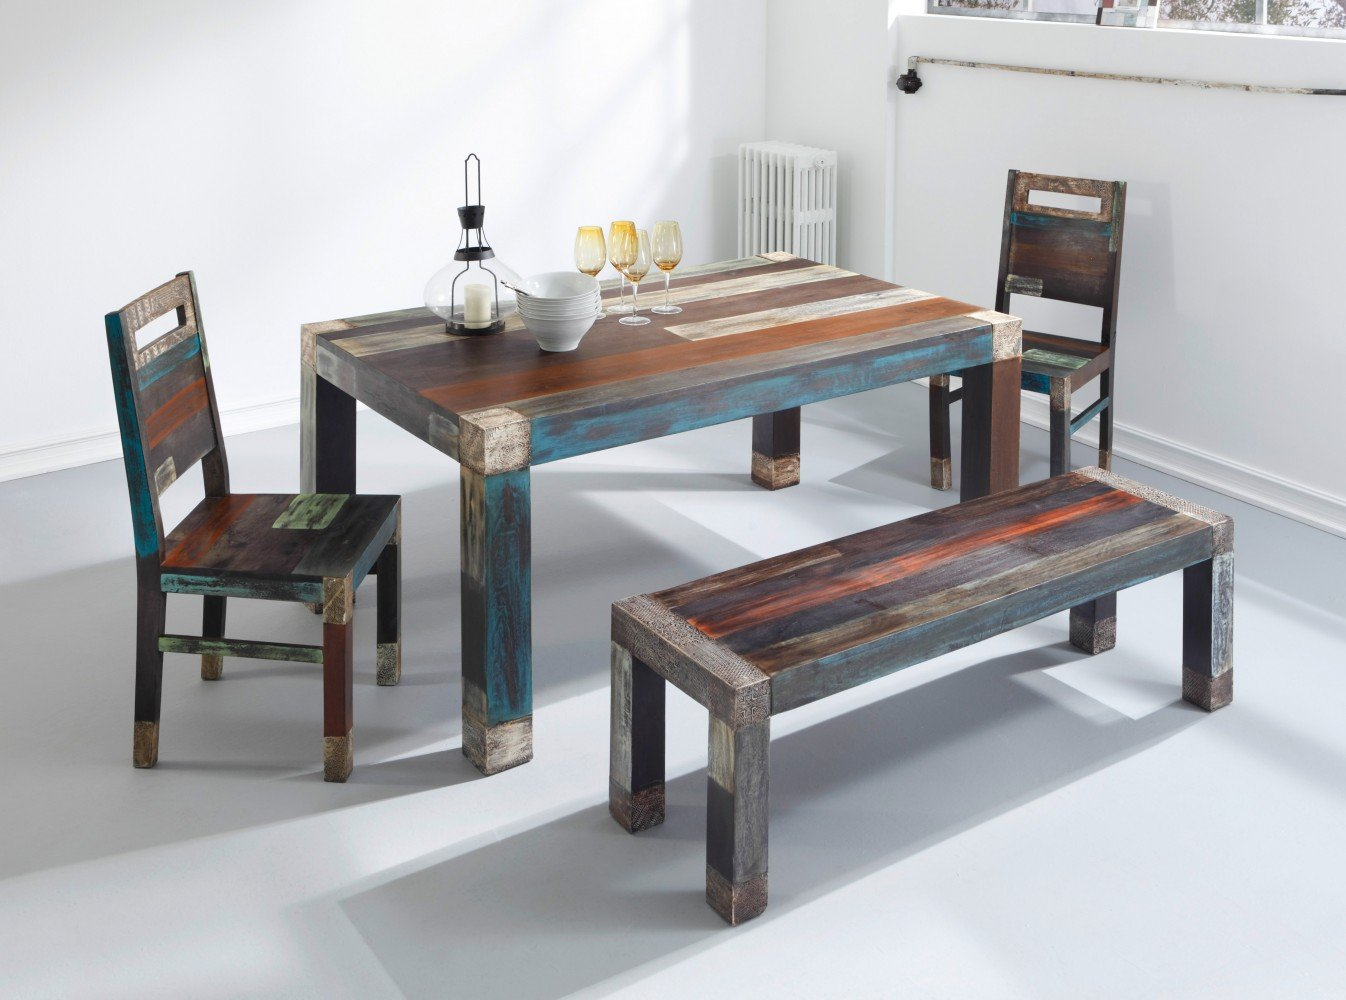 Wolf Möbel GOA 3515 Esstisch, Holz, 100 x 160 x 77 cm, bunt: Amazon ...